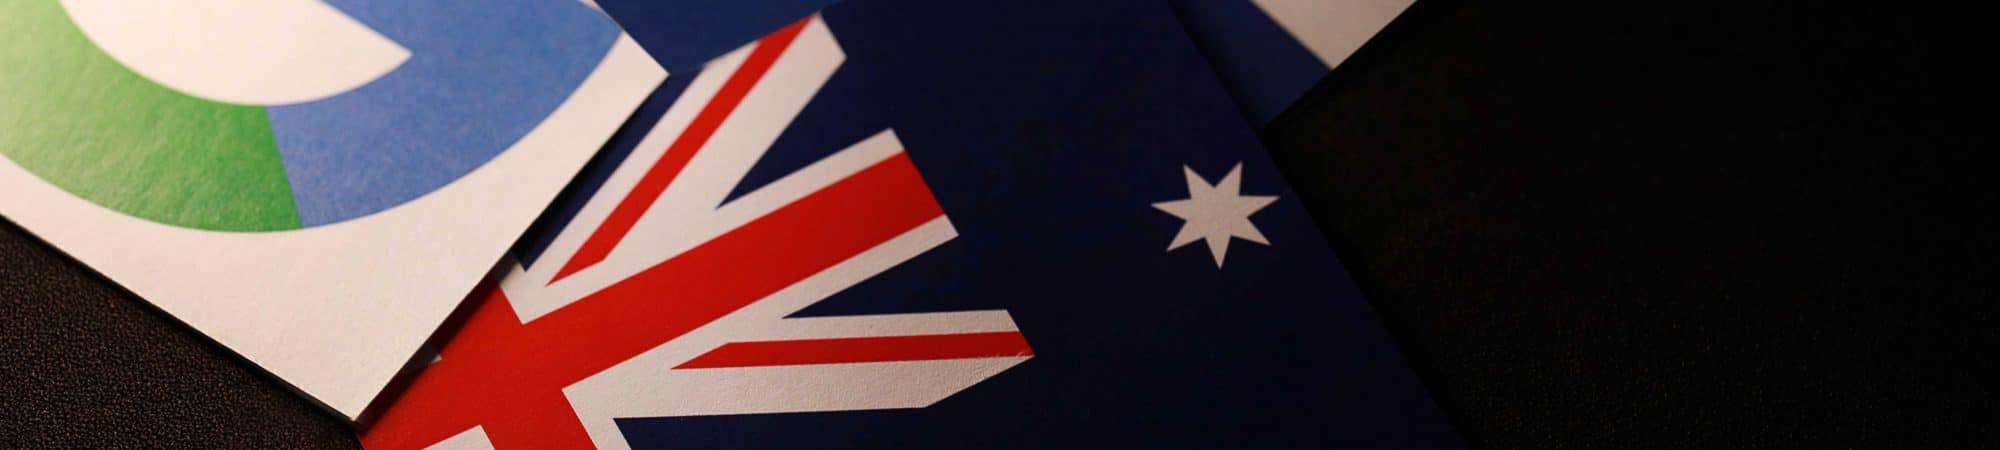 Três cartões simbolizando o Google, Facebook e a Austrália